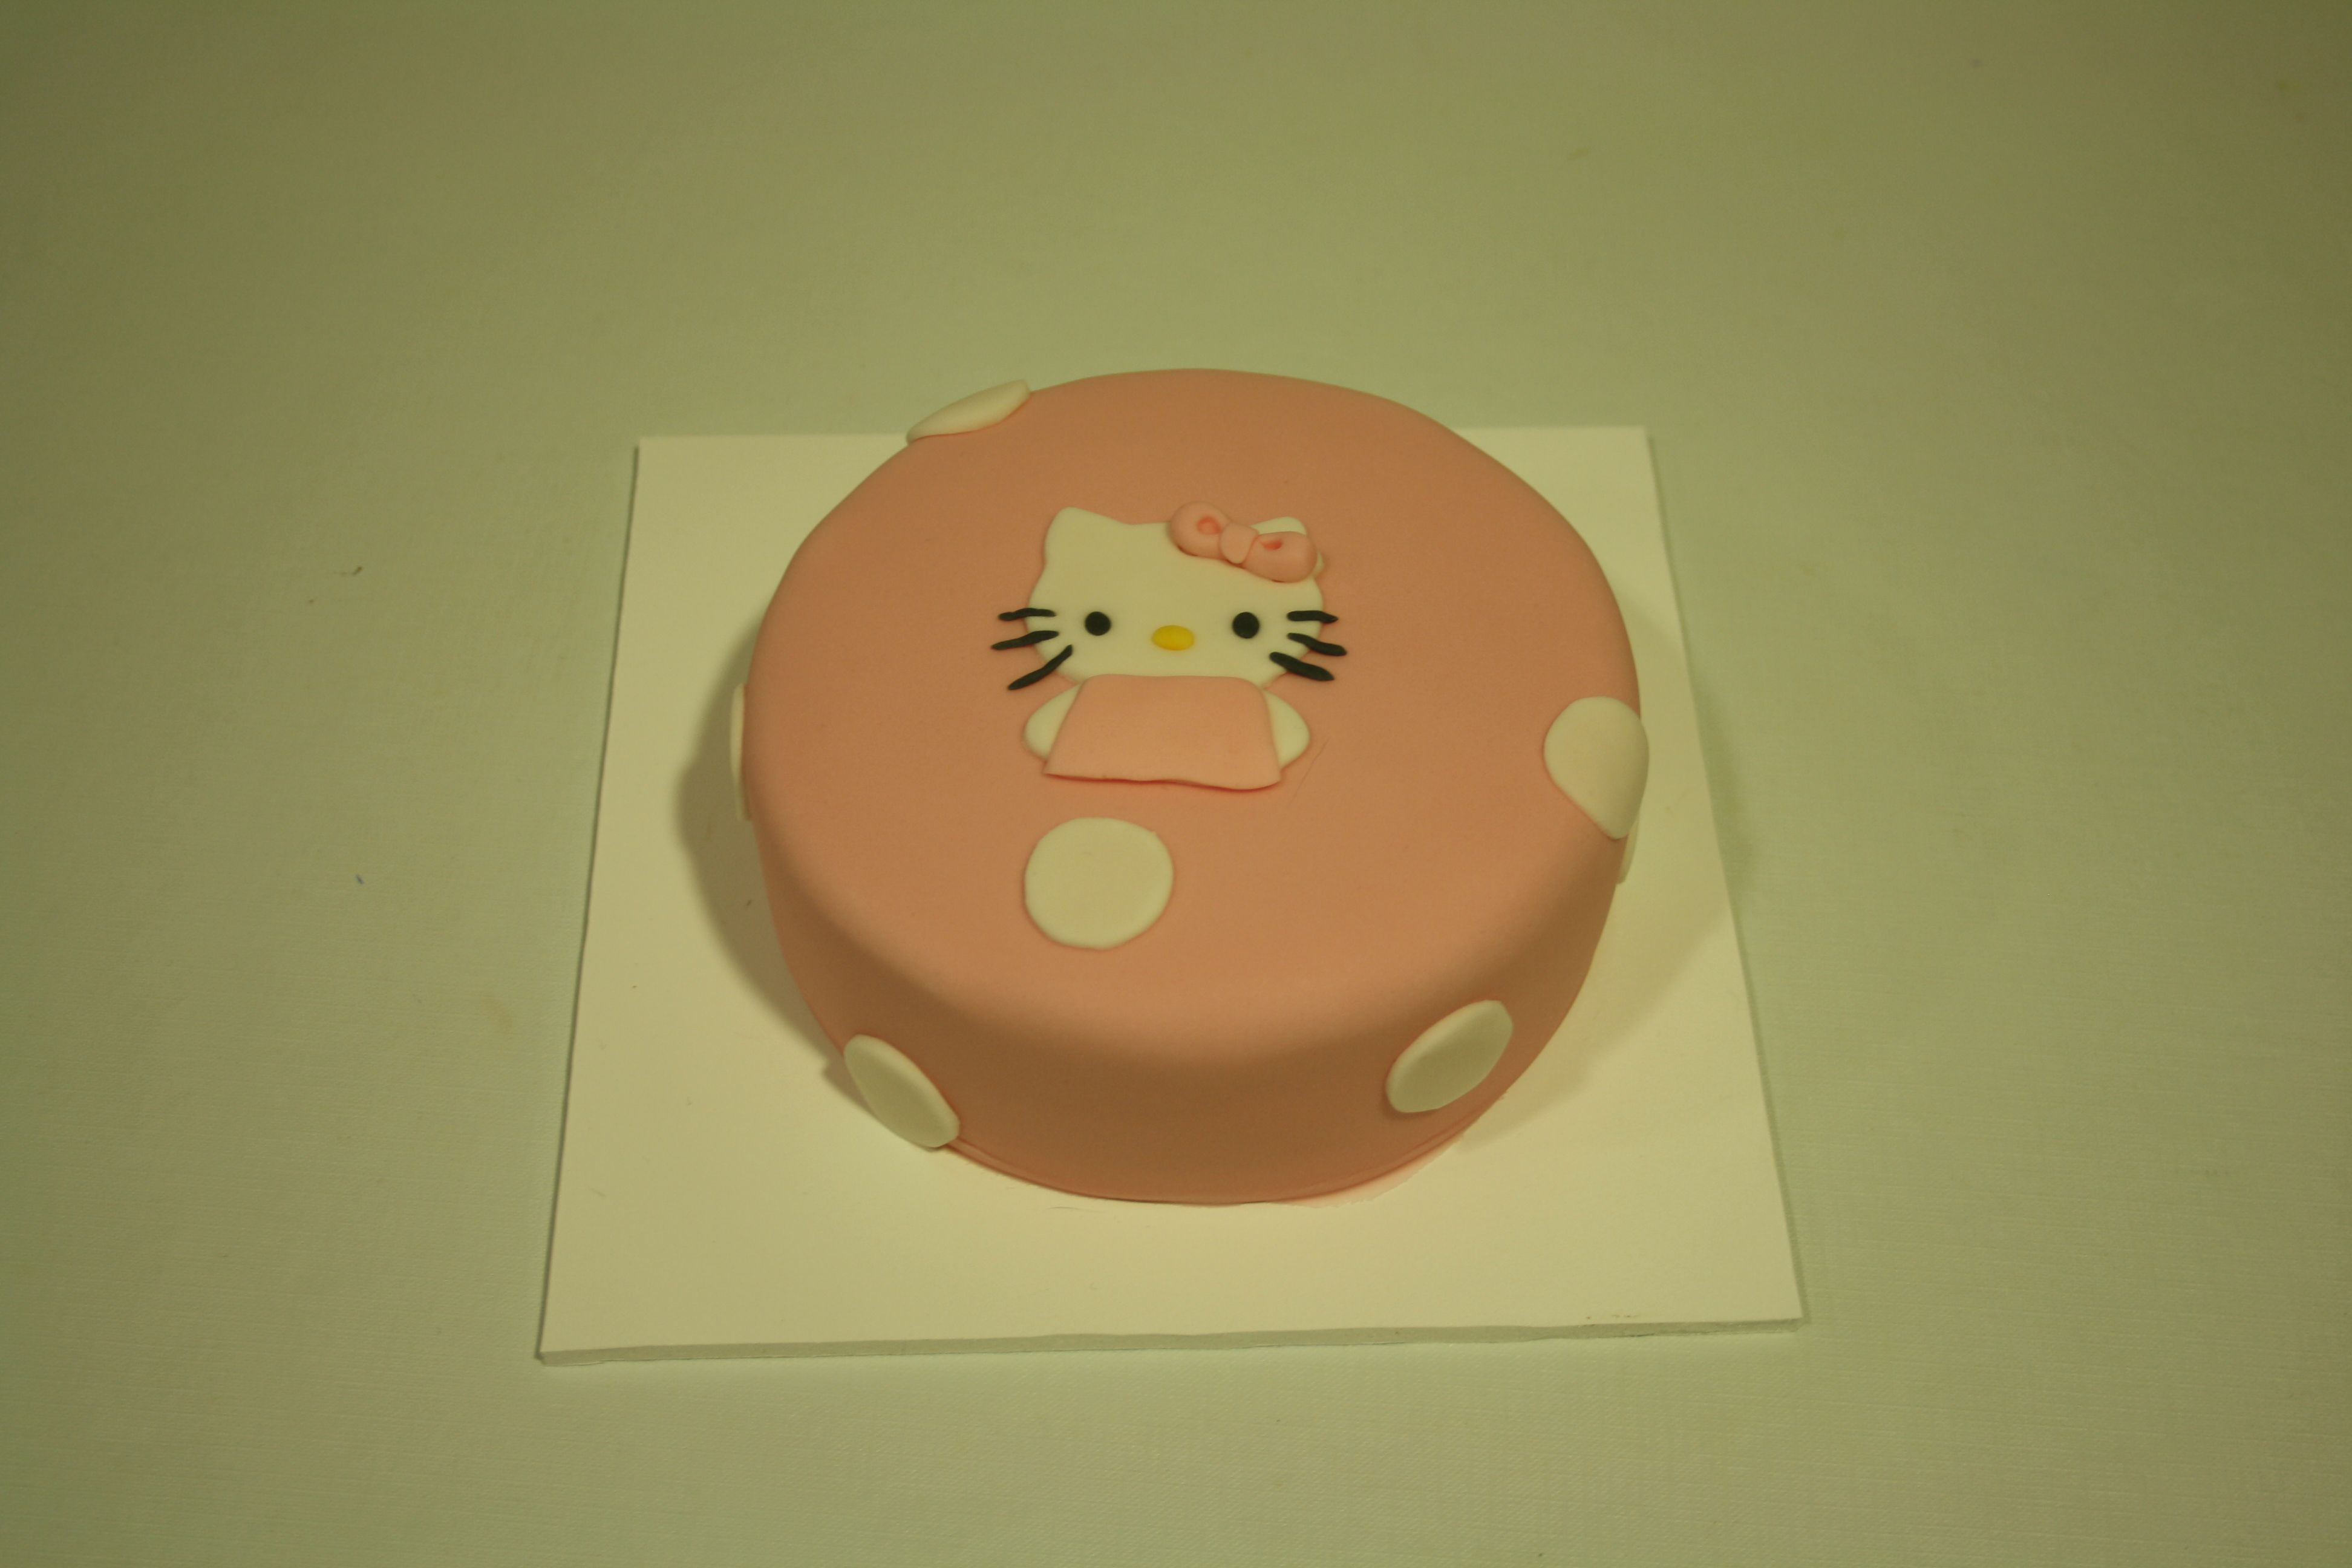 Tarta Hello Kitty en decoración plana 2D